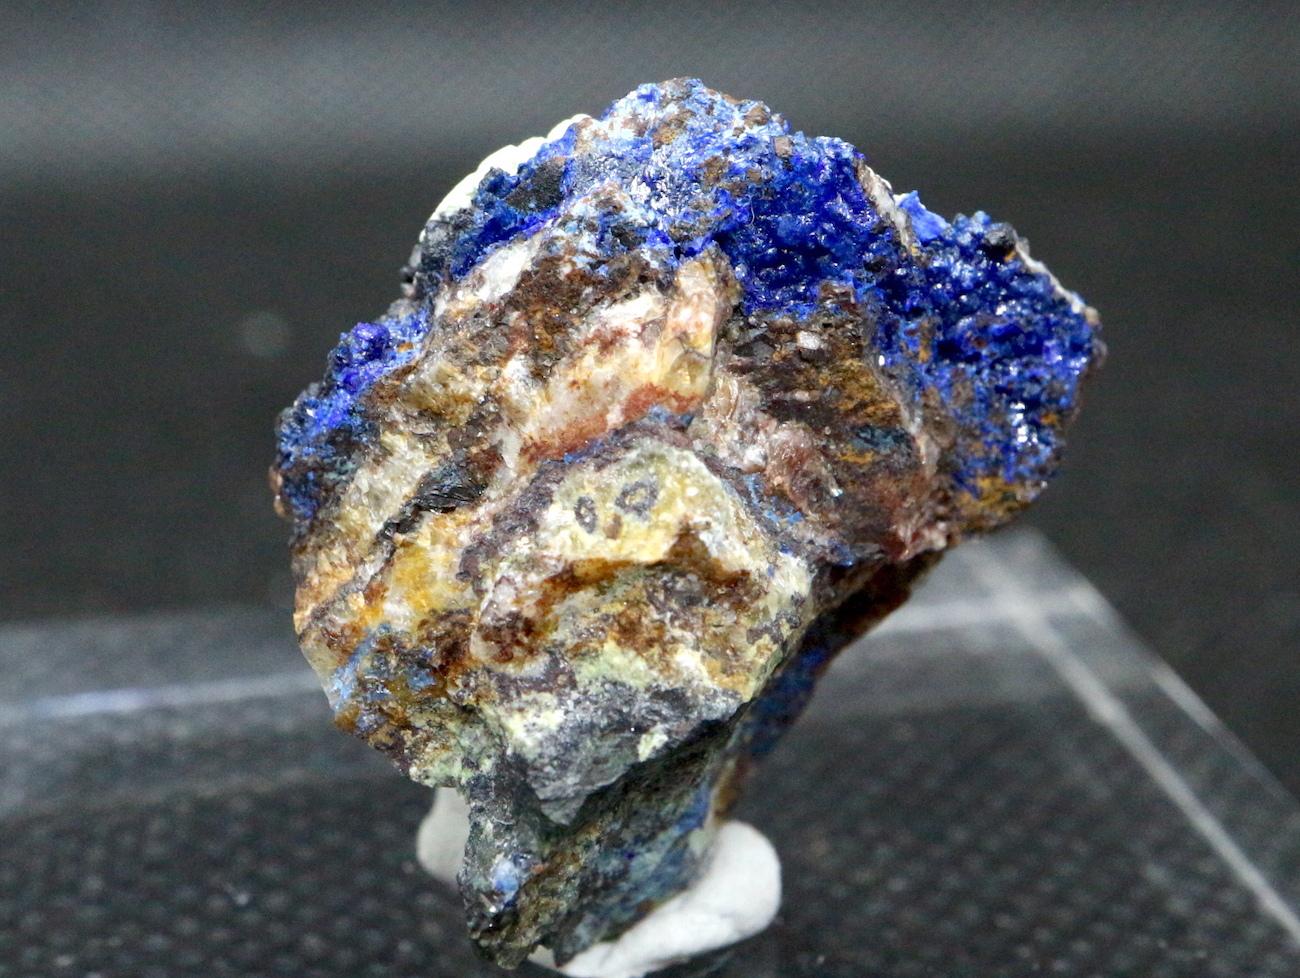 アリゾナ産 リナライト Linarite (青鉛鉱) 10g LN002